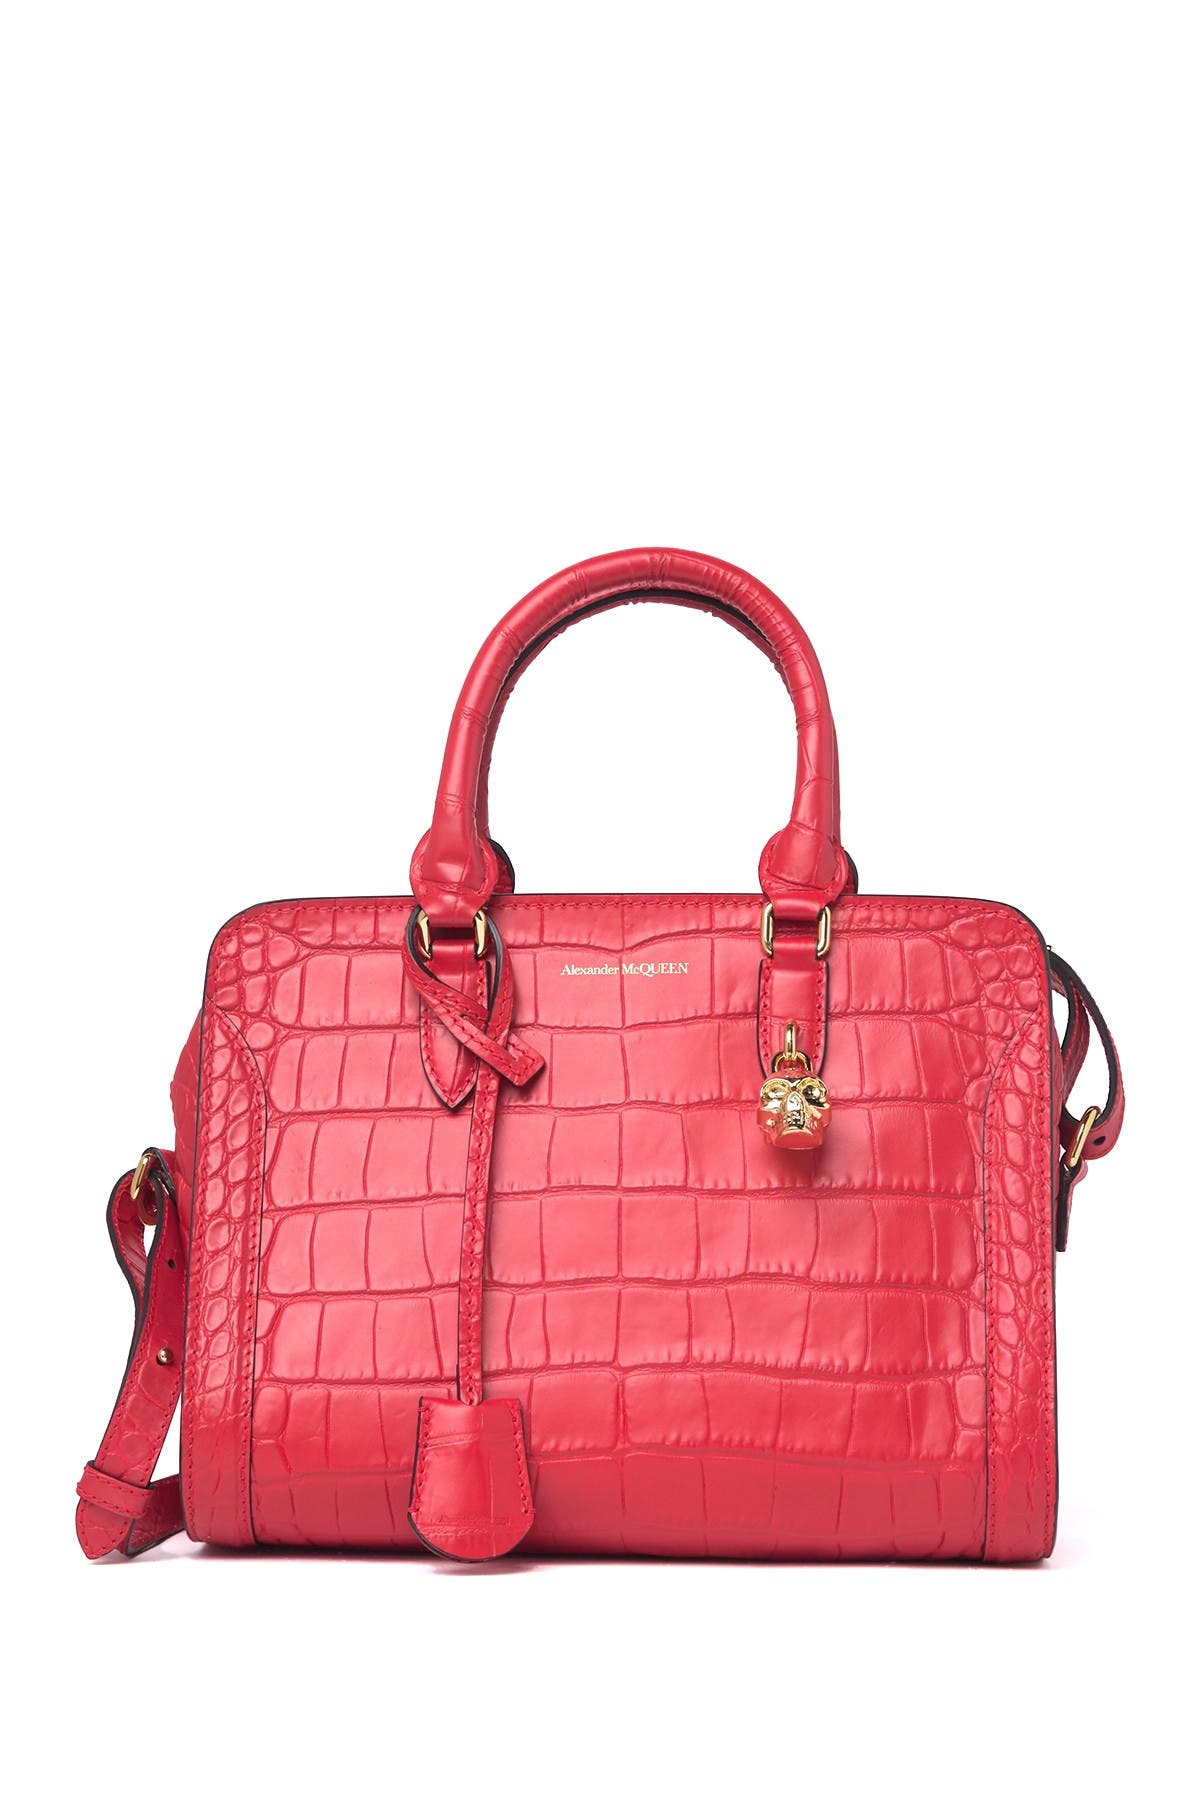 Image of Alexander McQueen Croc Embossed Leather Small Zip Shoulder Bag